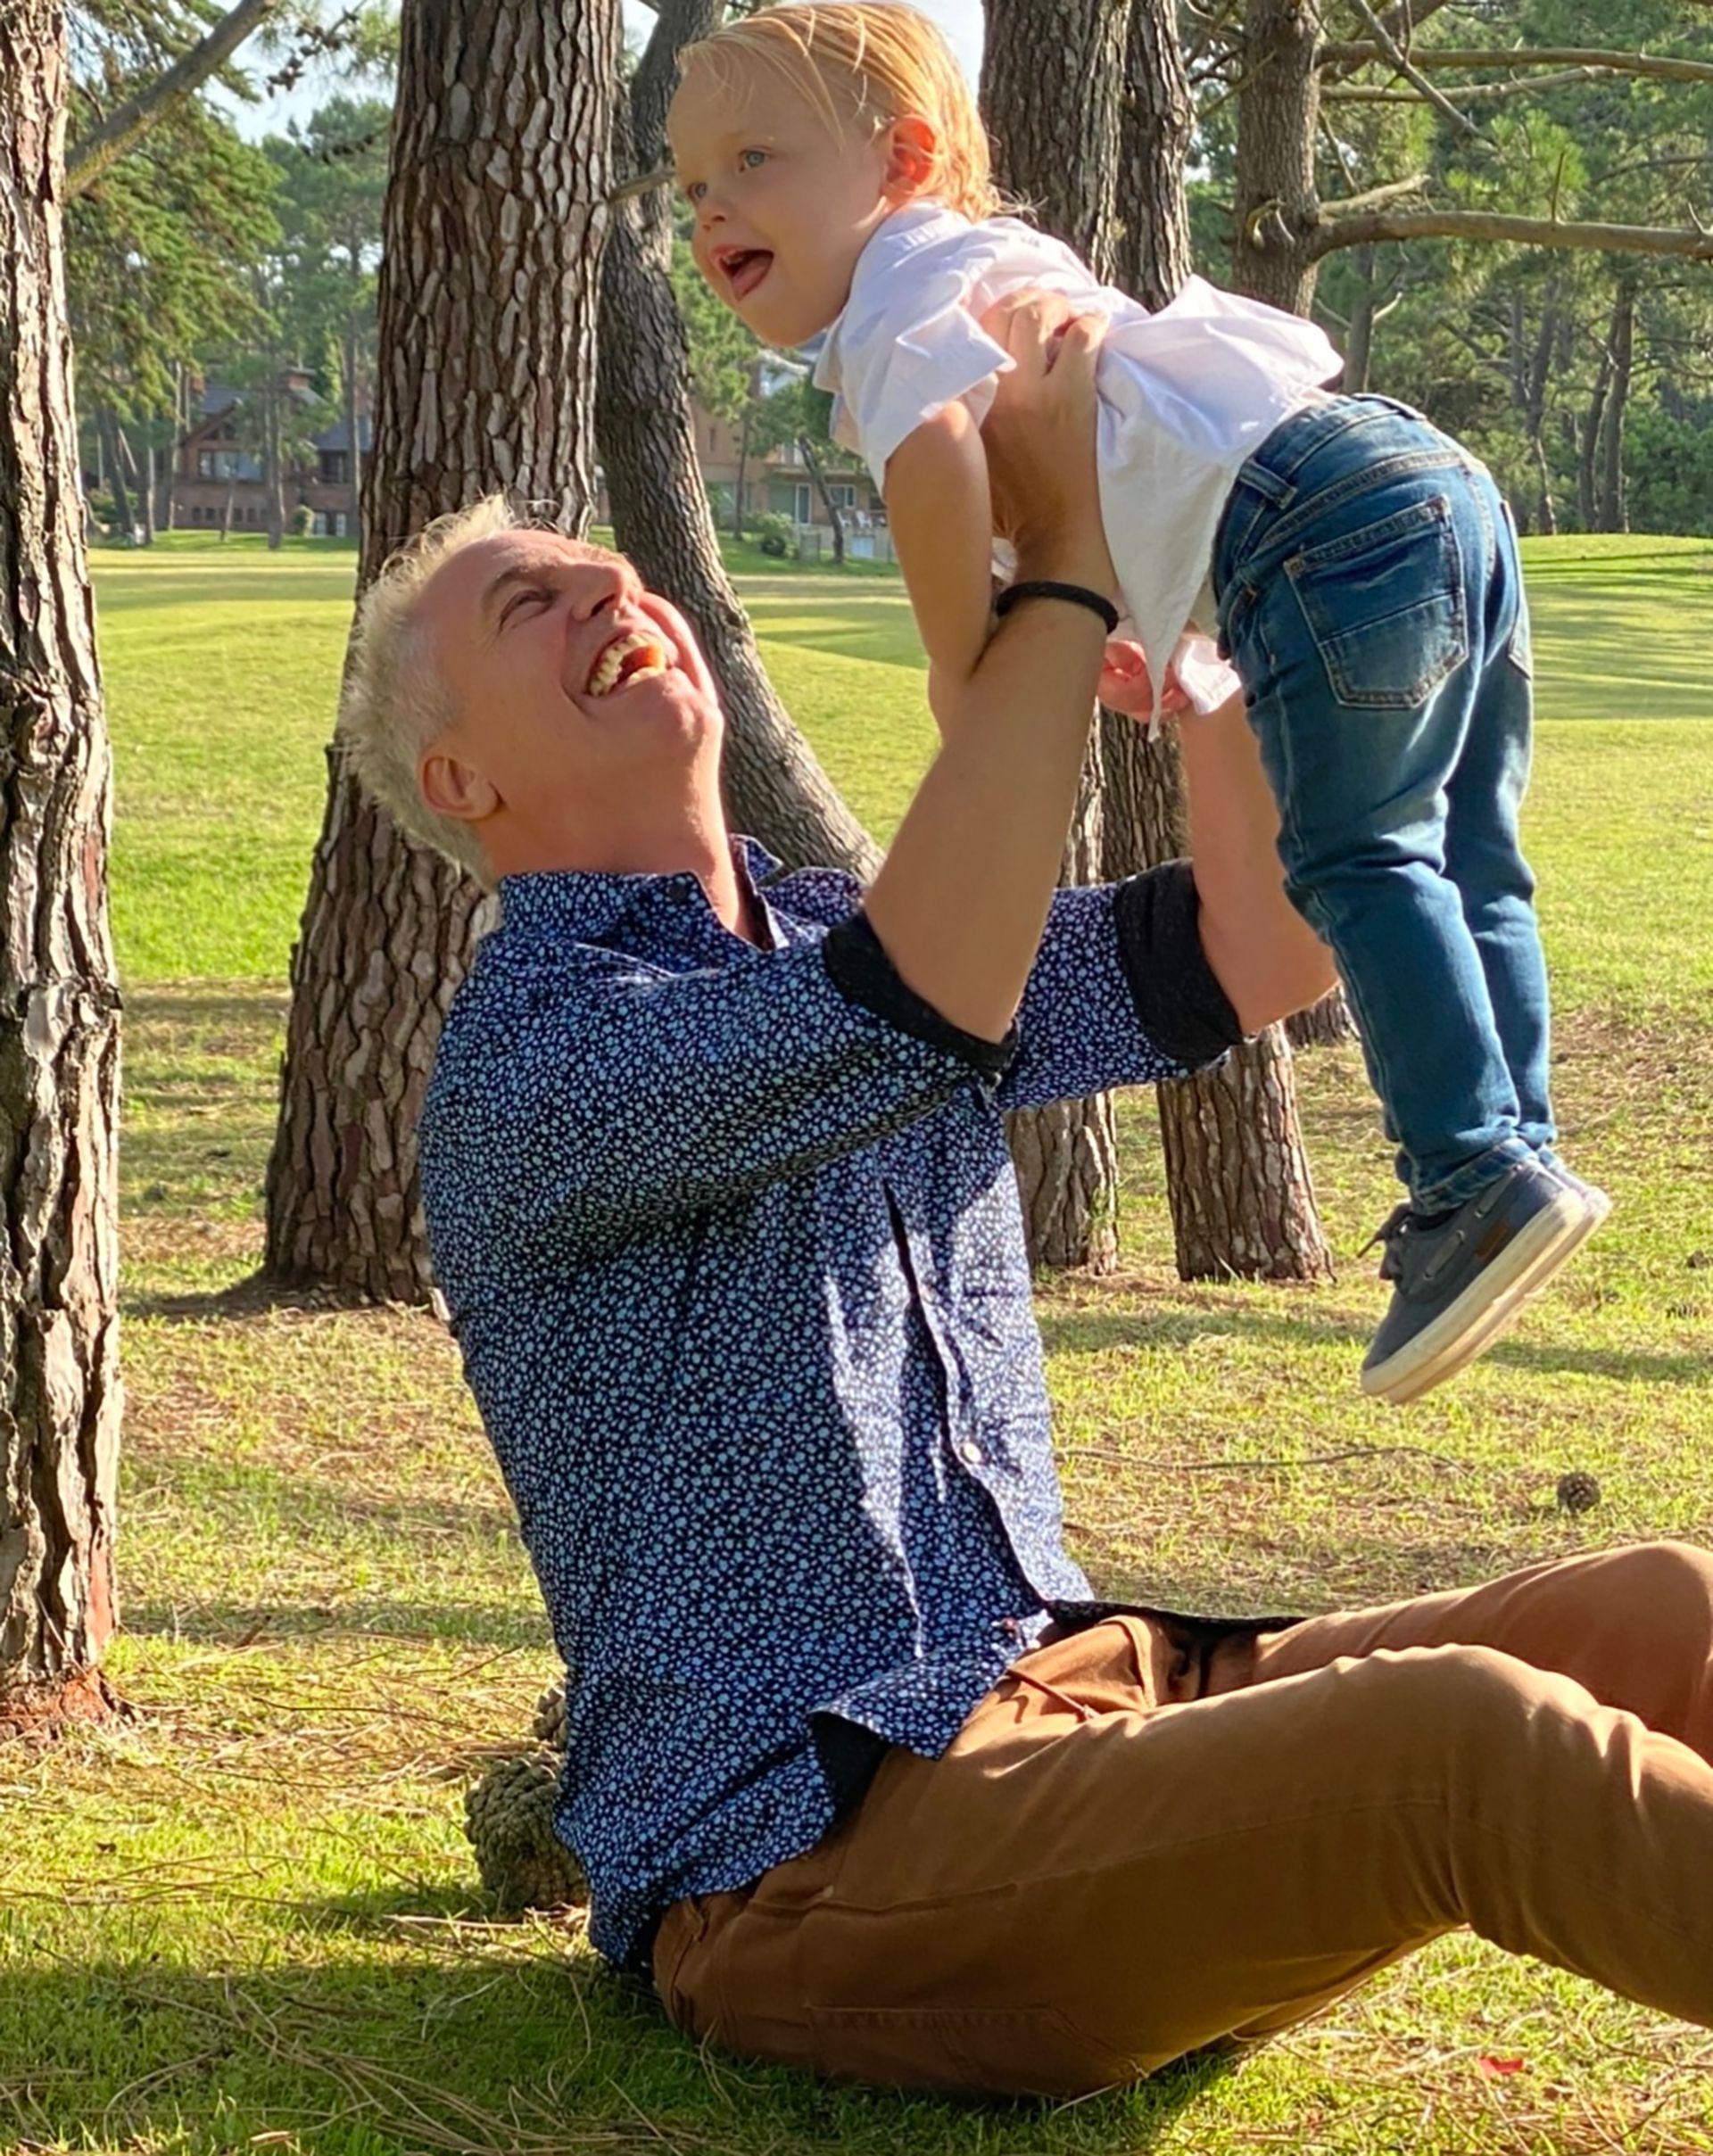 Inseparables, padre e hijo transcurren la cuarentena en su casa, mientras esperan que llegue la vacuna para poder retomar los viajes por el mundo